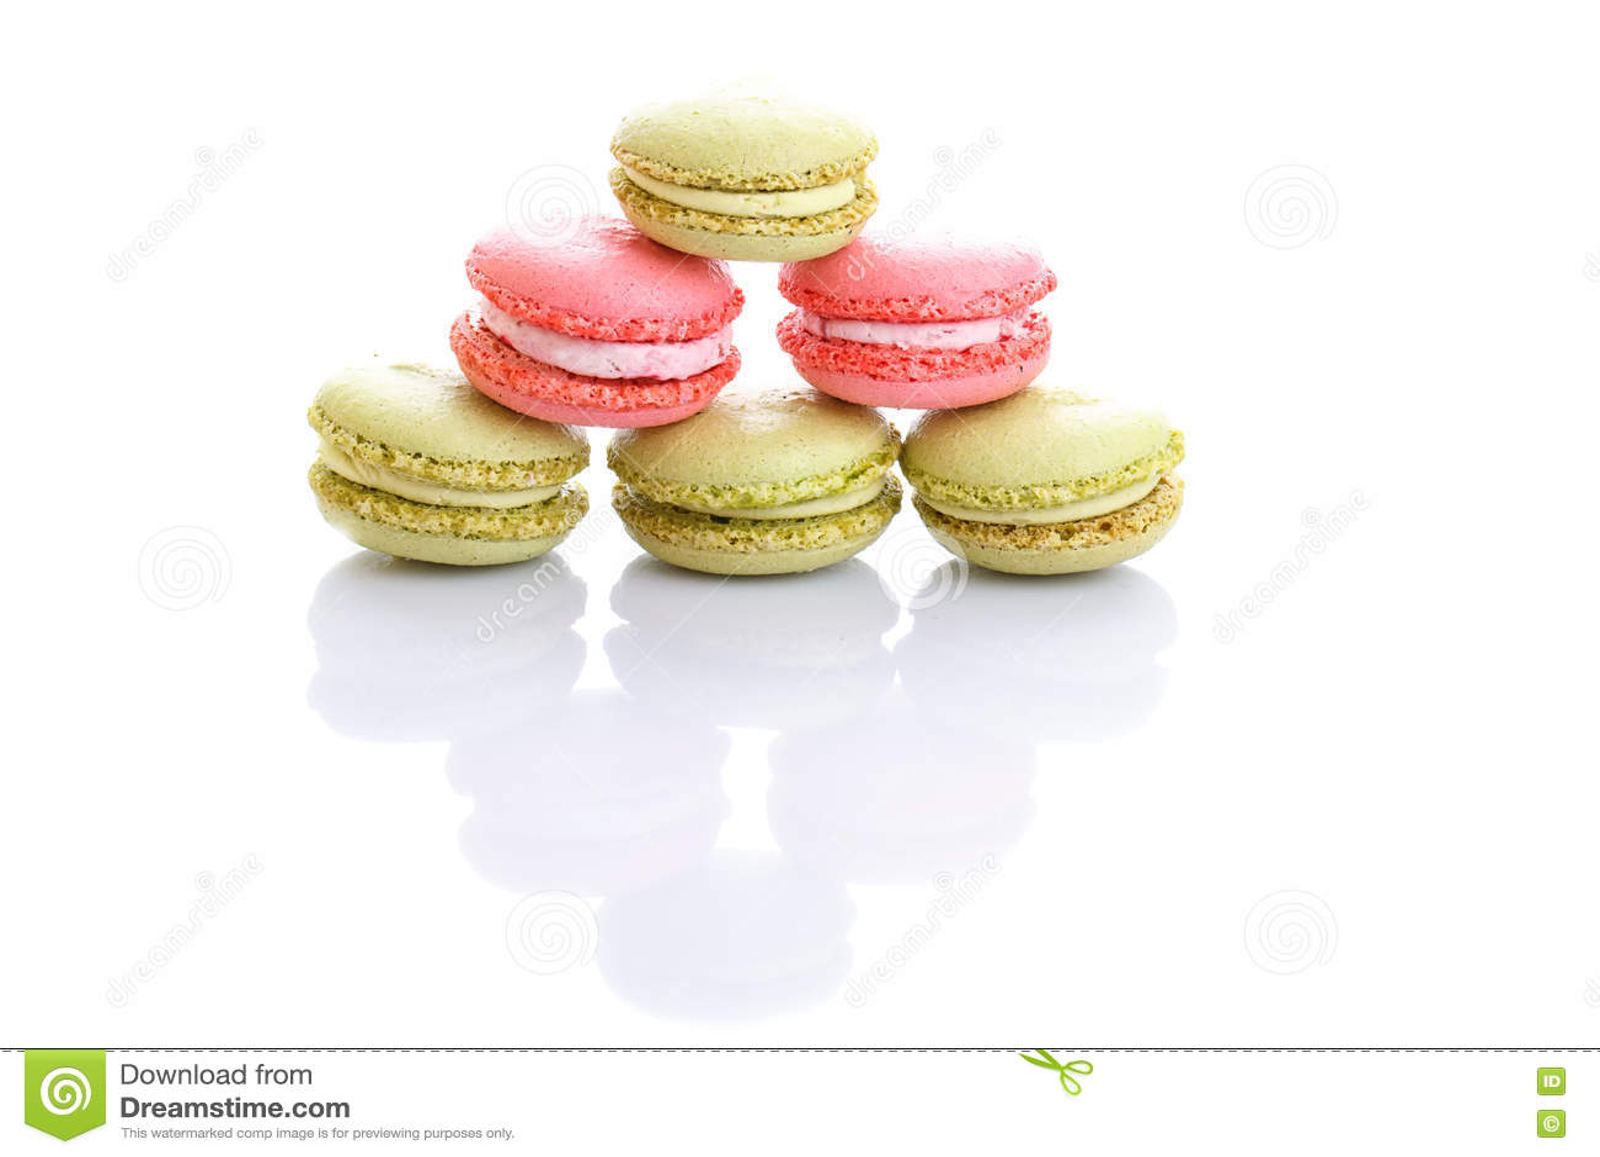 Söta och färgglade franska makron eller macaron på vit bakgrund